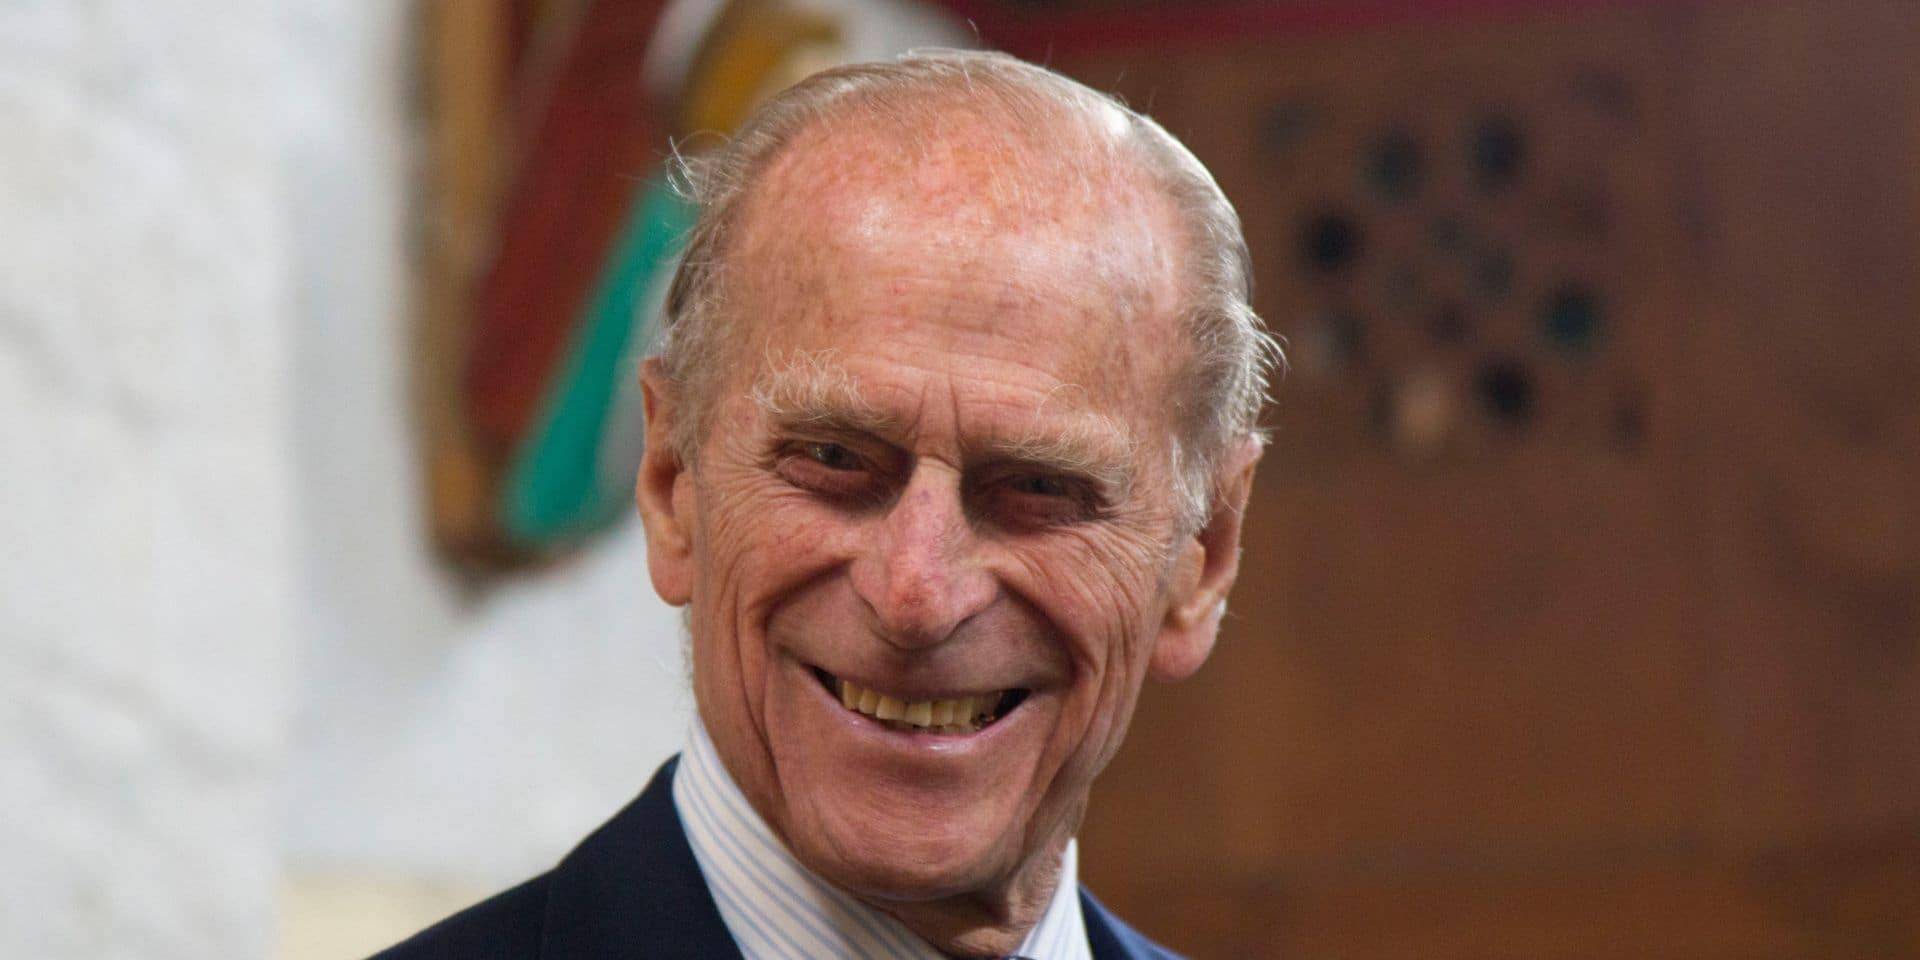 La famille royale britannique fête les 99 ans du prince Philip avec une série de clichés vintage